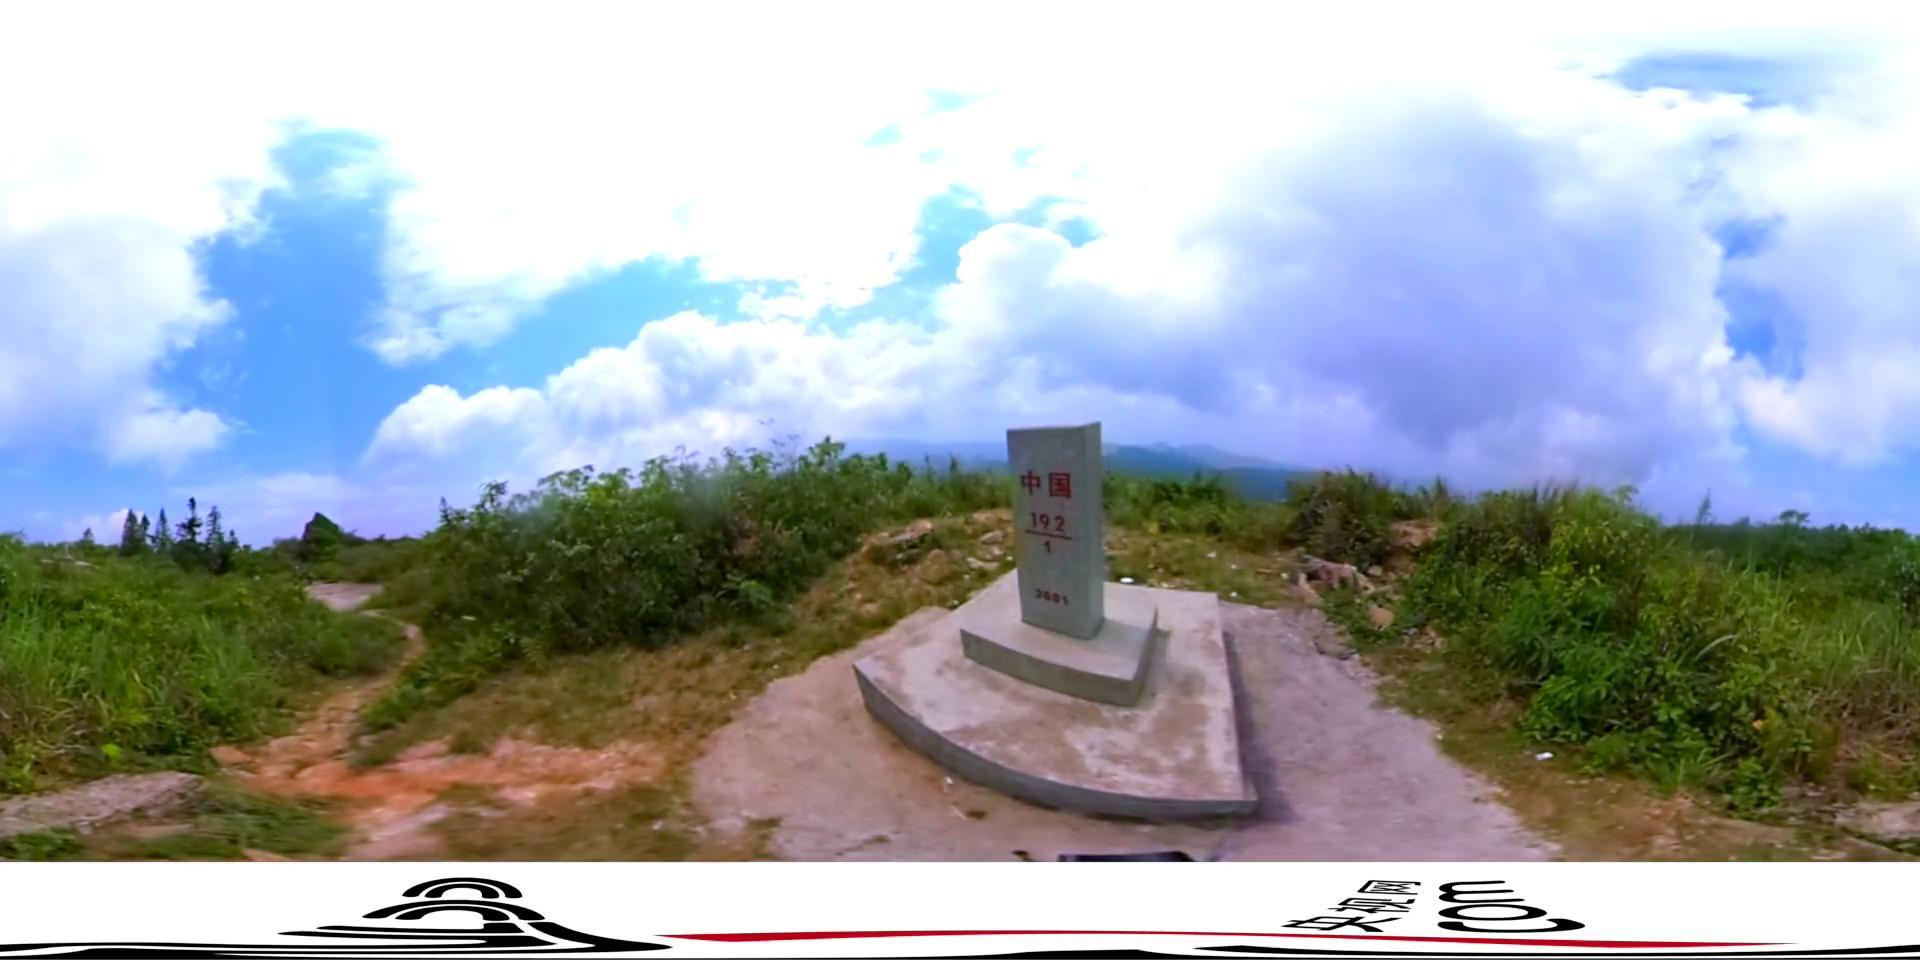 【边疆党旗红】外事界务员:为国守边 界碑有魂